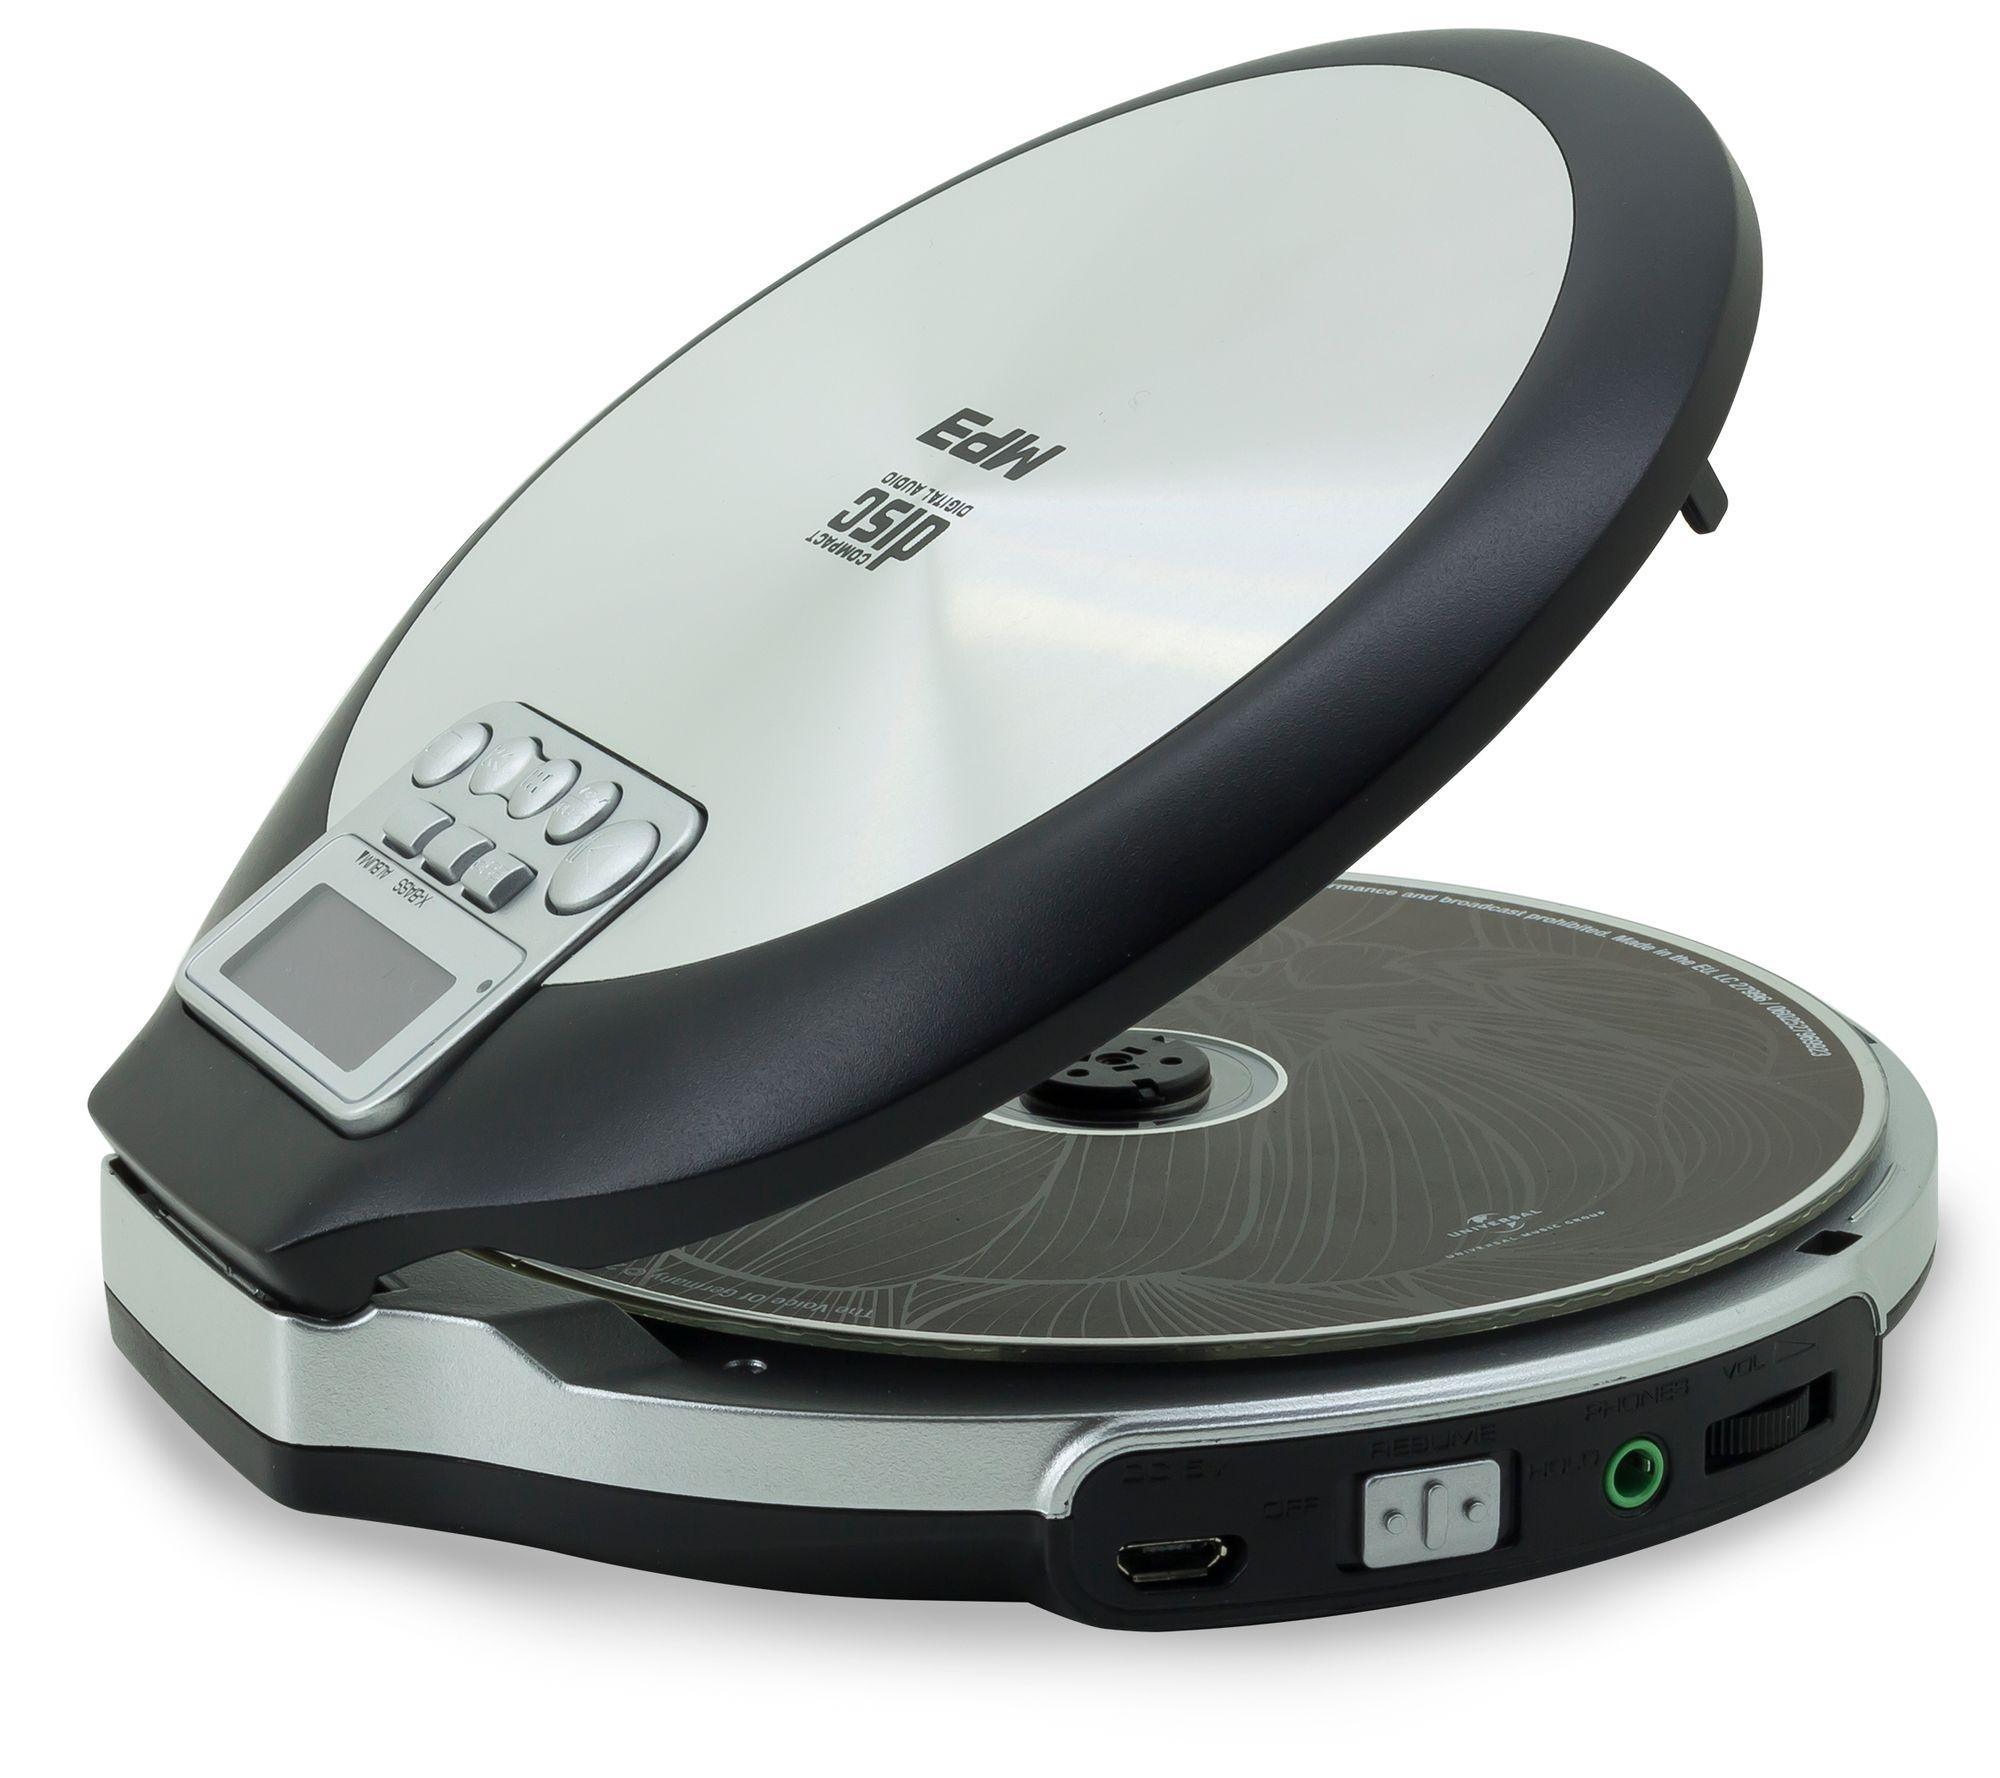 Cd9220 Cd Mp3 Player Tragbar Cd